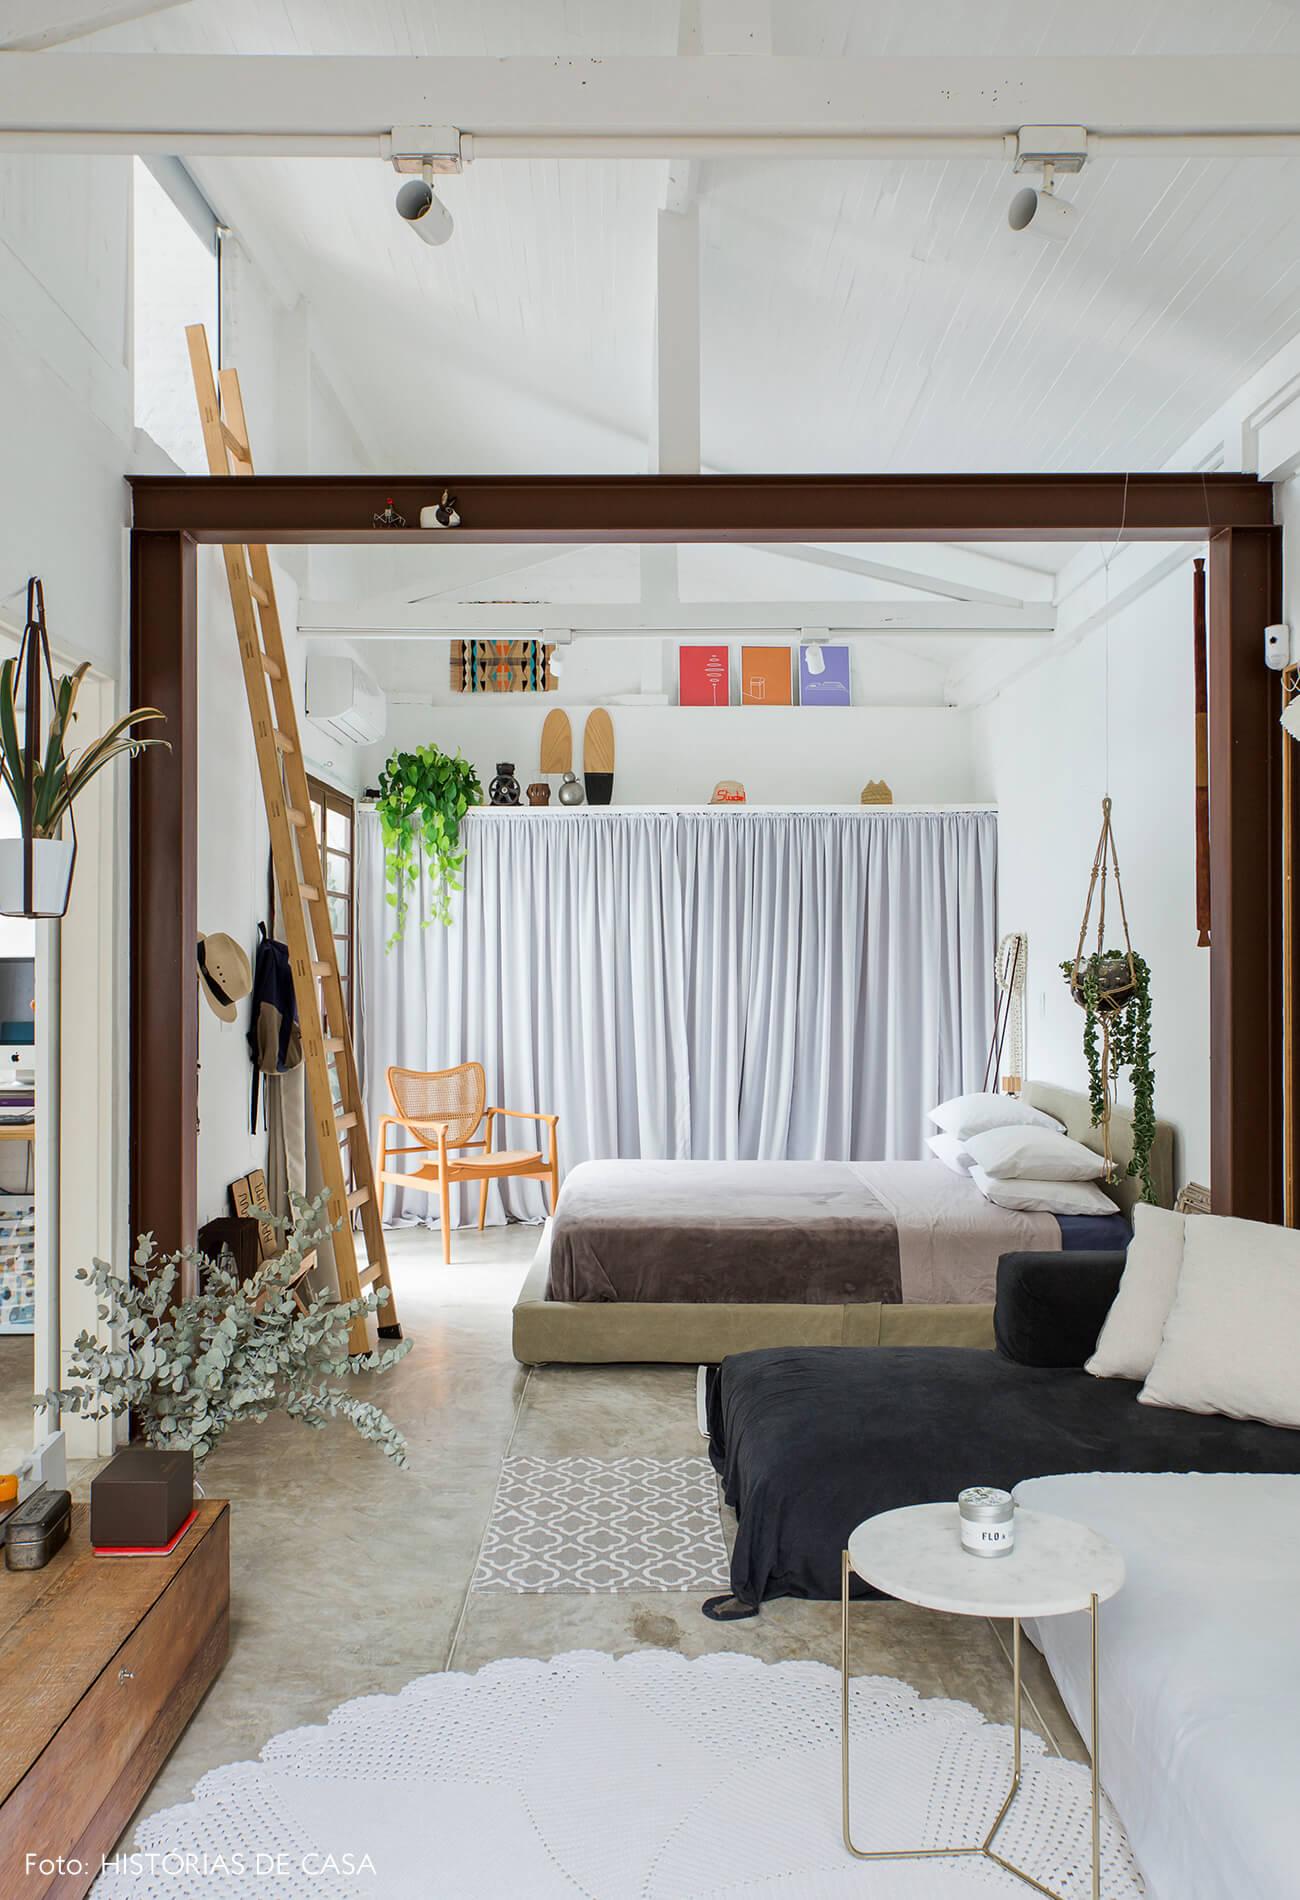 Sala com quarto integrado e pé-direito alto